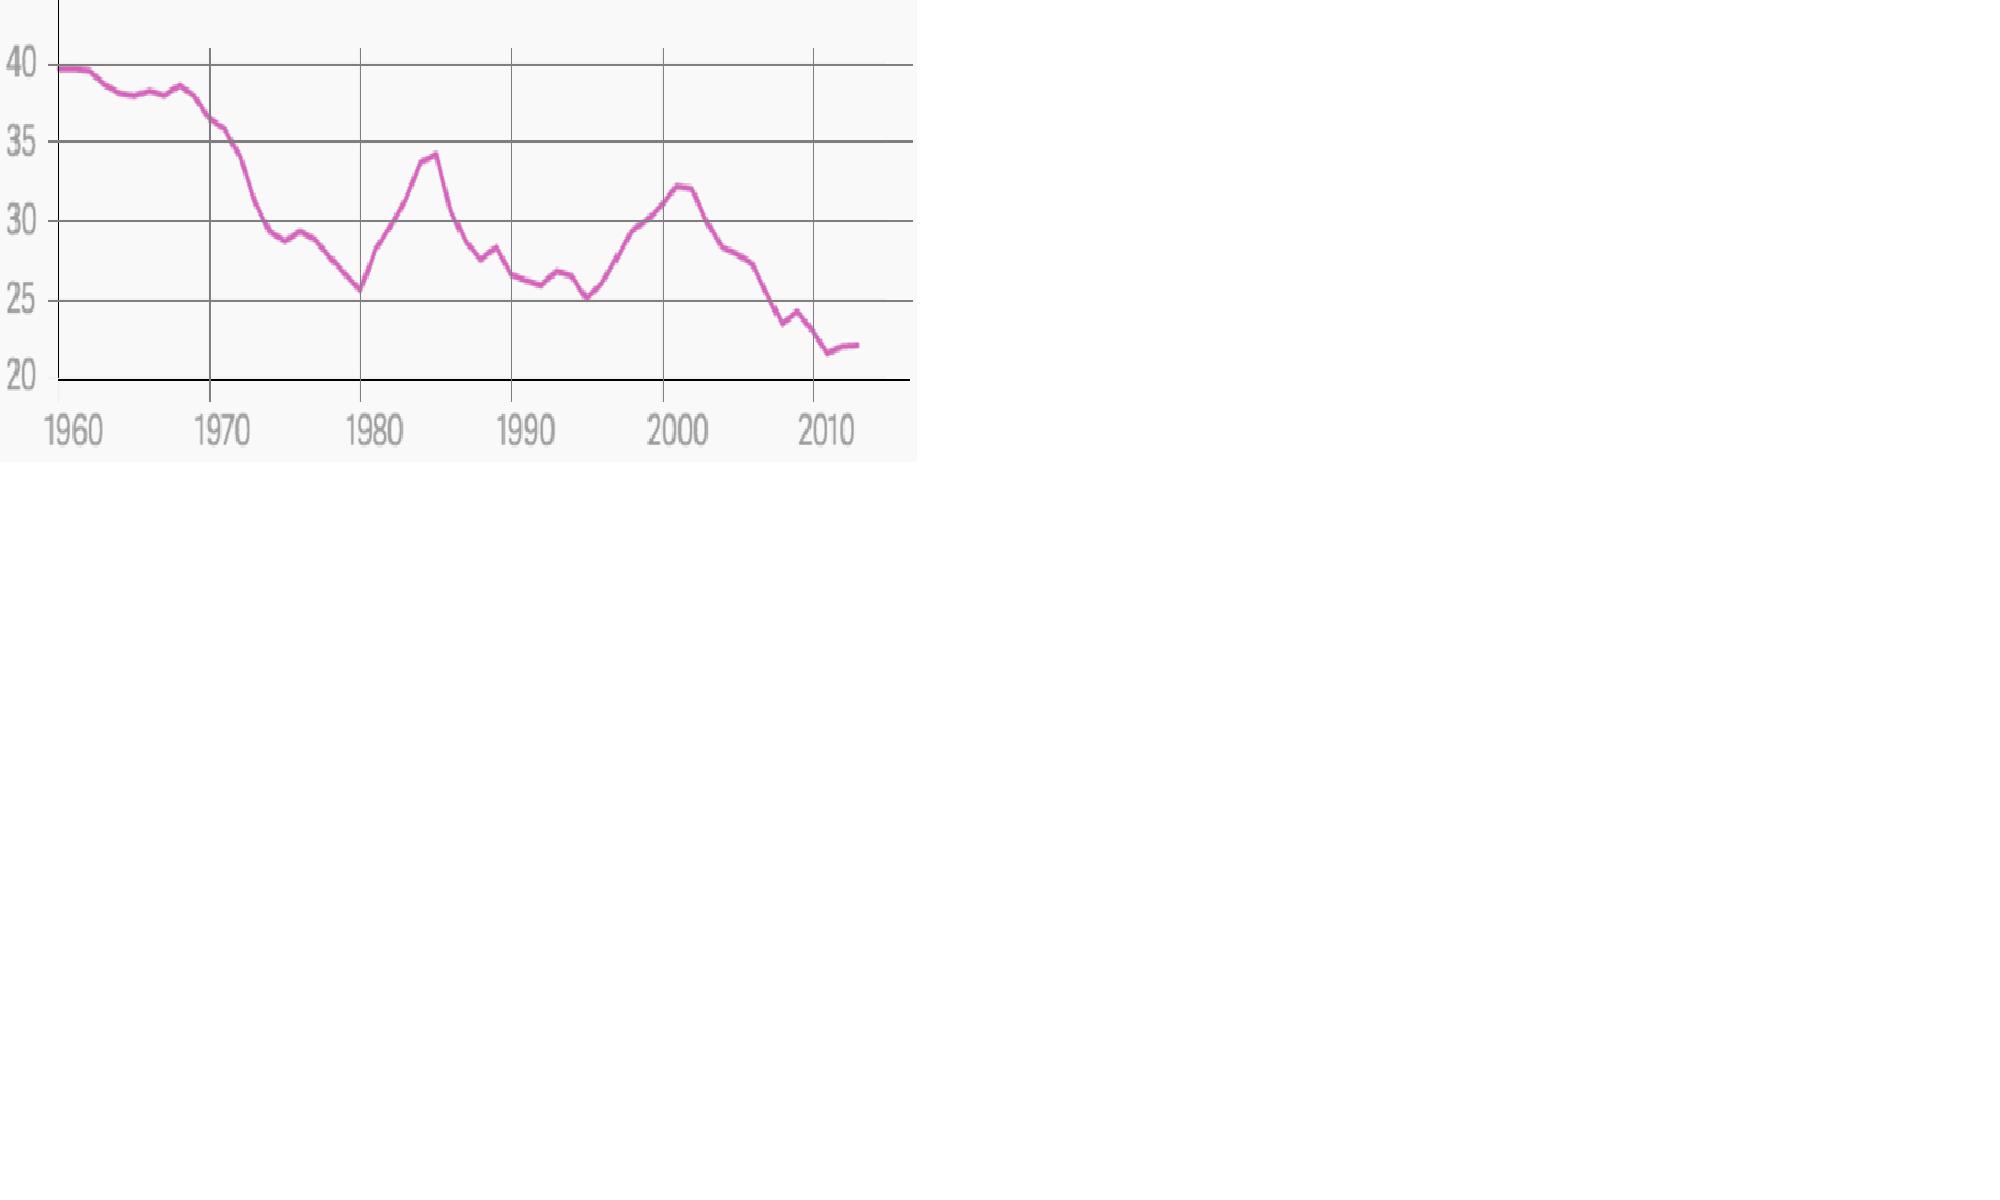 График 2 Долгосрочное падение доли США в мировом ВВП  доля в мировом ВВП  Guilford G. The US dominated the global economy for decades after WWII. //  https://theatlas.com/charts/4kcoI6T7l.